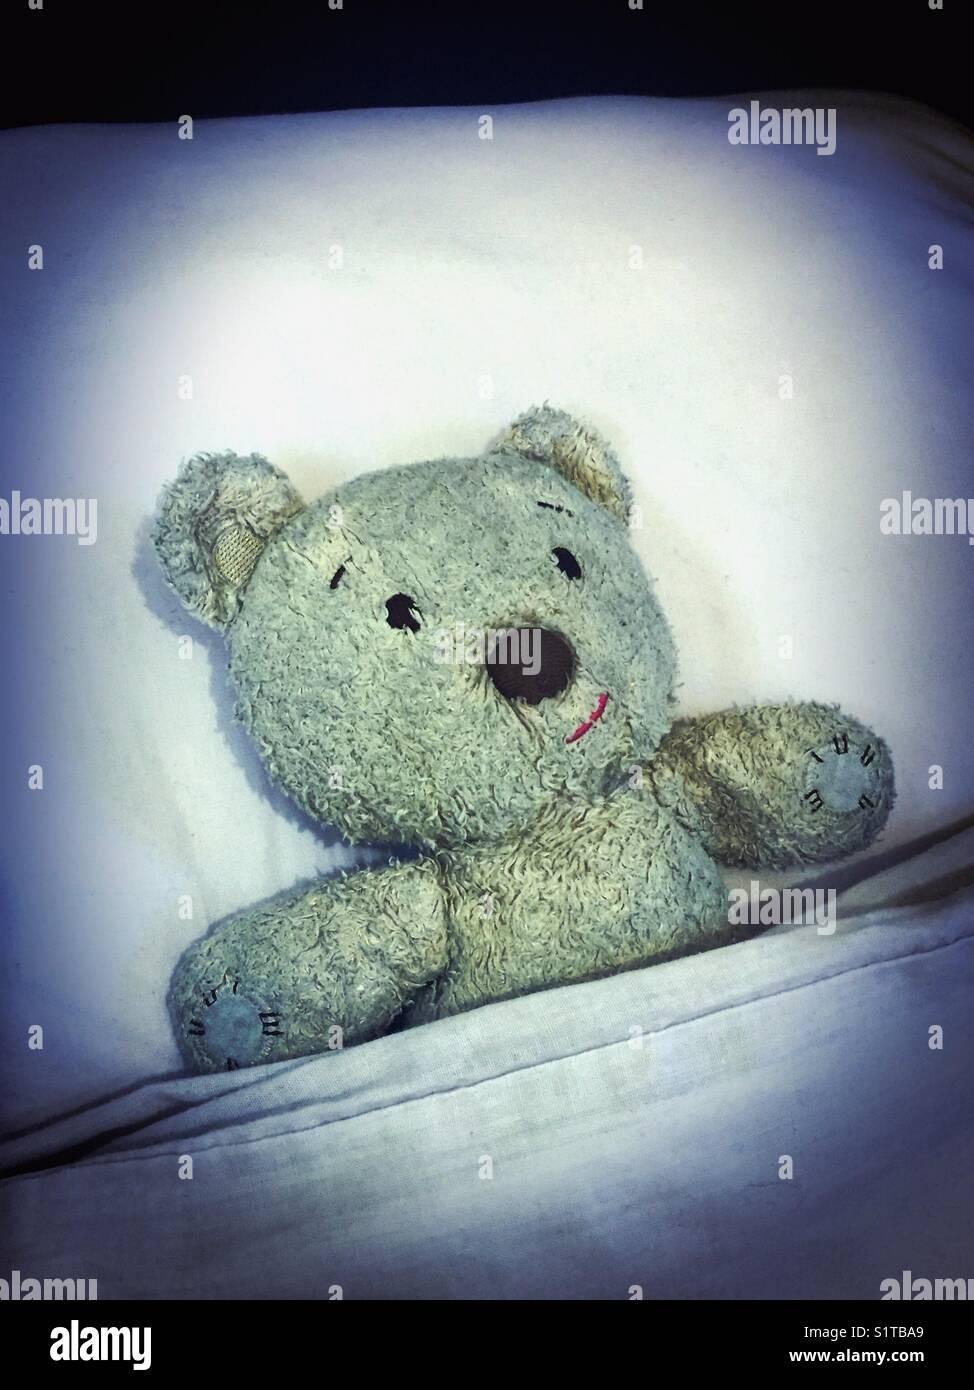 Relevé dans le lit pour une bonne nuit de sommeil Photo Stock